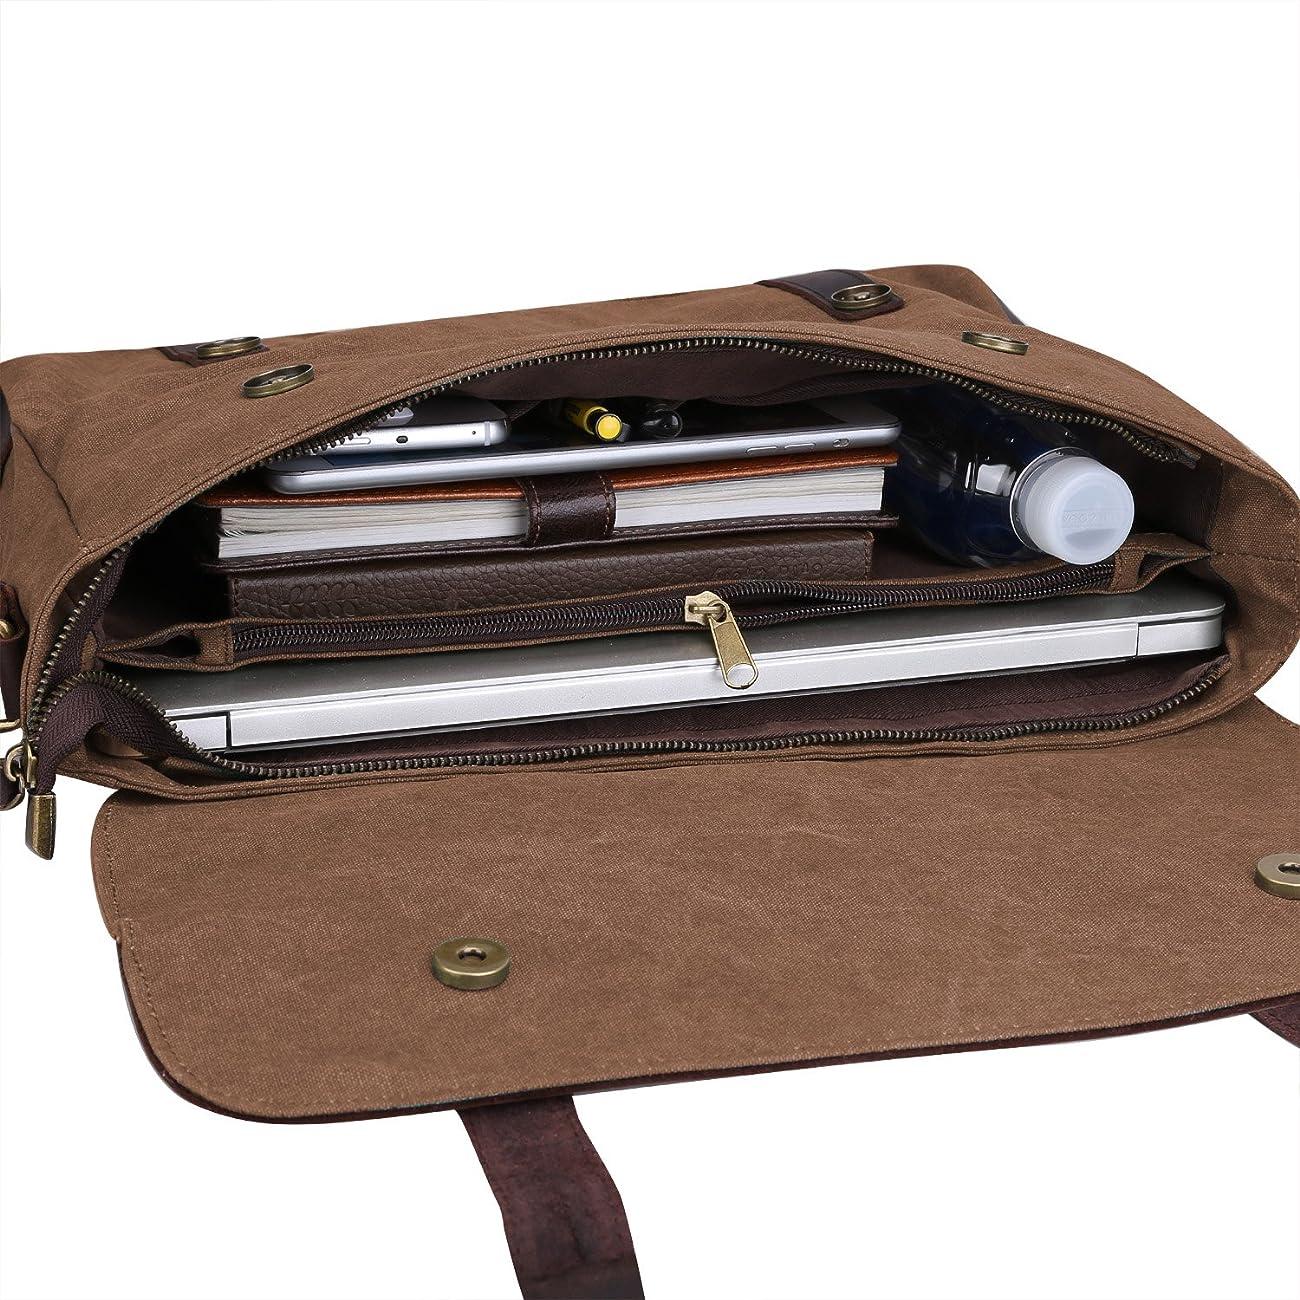 S ZONE Vintage Canvas Leather Messenger Traveling Briefcase Shoulder Laptop Bag 5